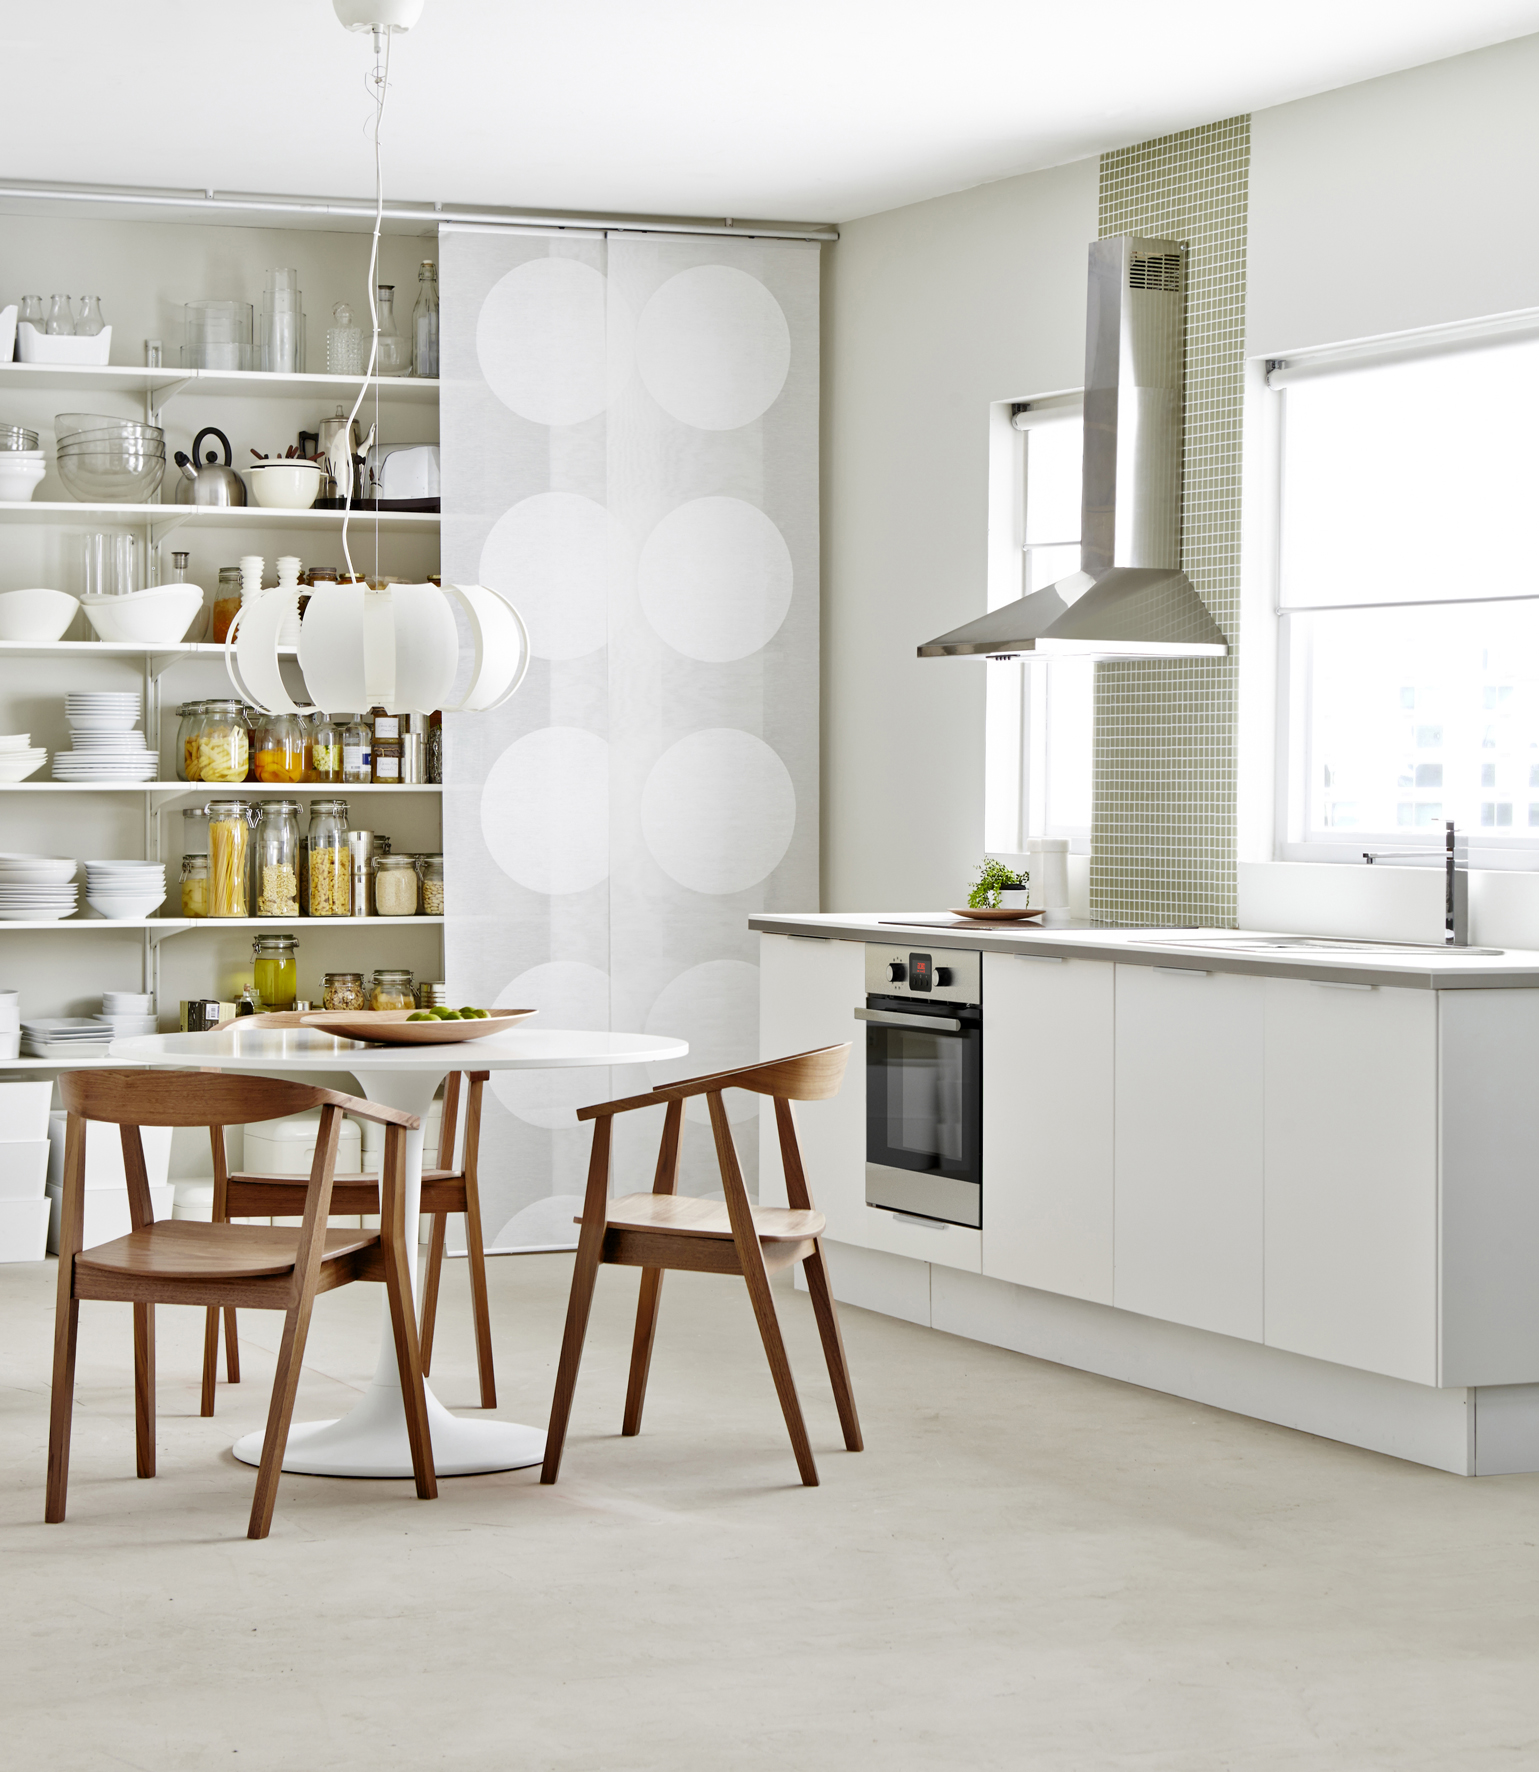 Ikea Metod Keuken Nederland : keukens Faktum – Nieuws Startpagina voor keuken idee?n UW-keuken.nl